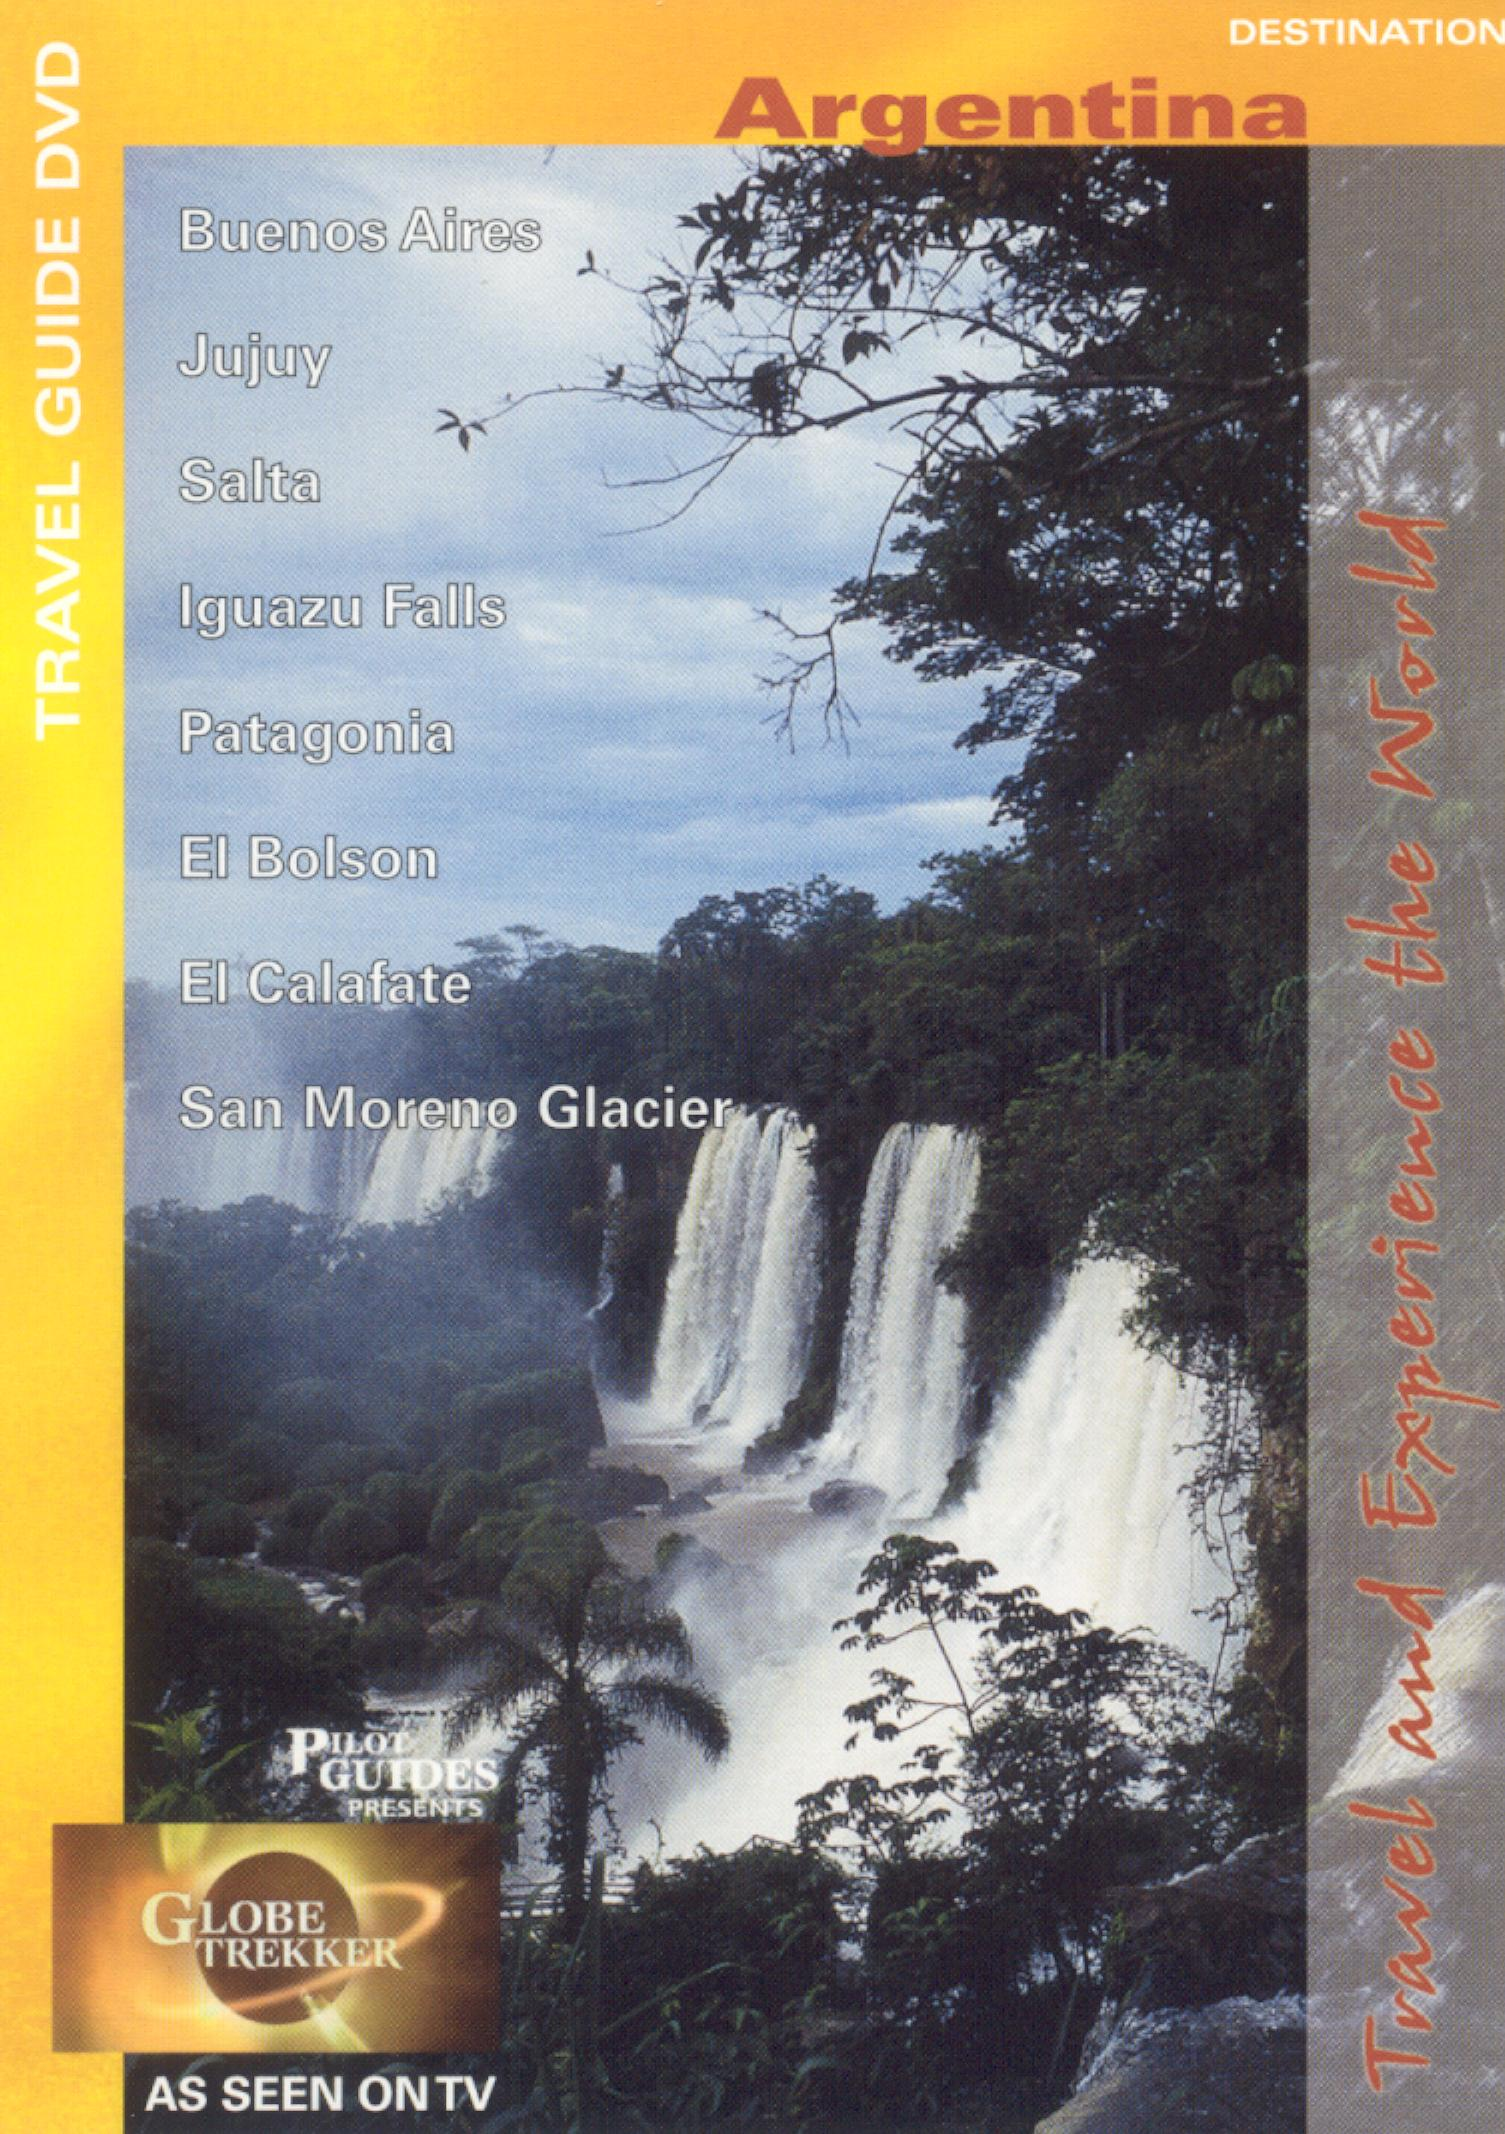 globe trekker argentina releases allmovie